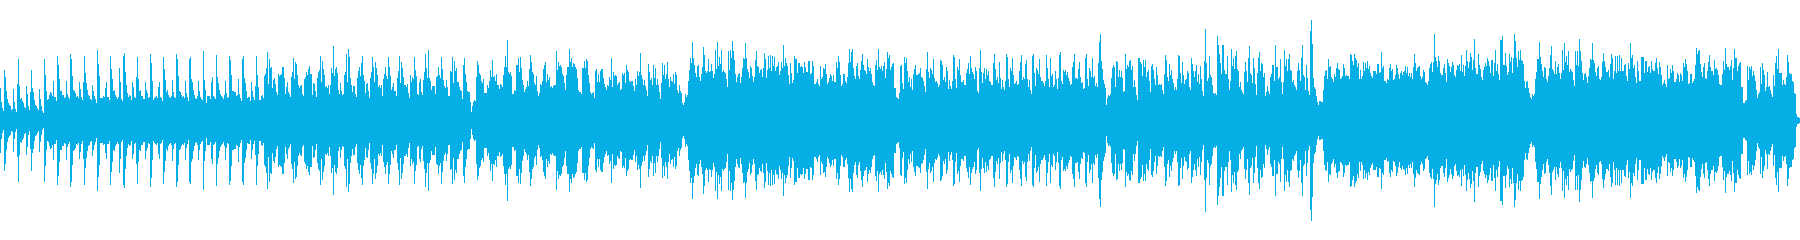 ケルト・ファンタジー系のBGMですの再生済みの波形